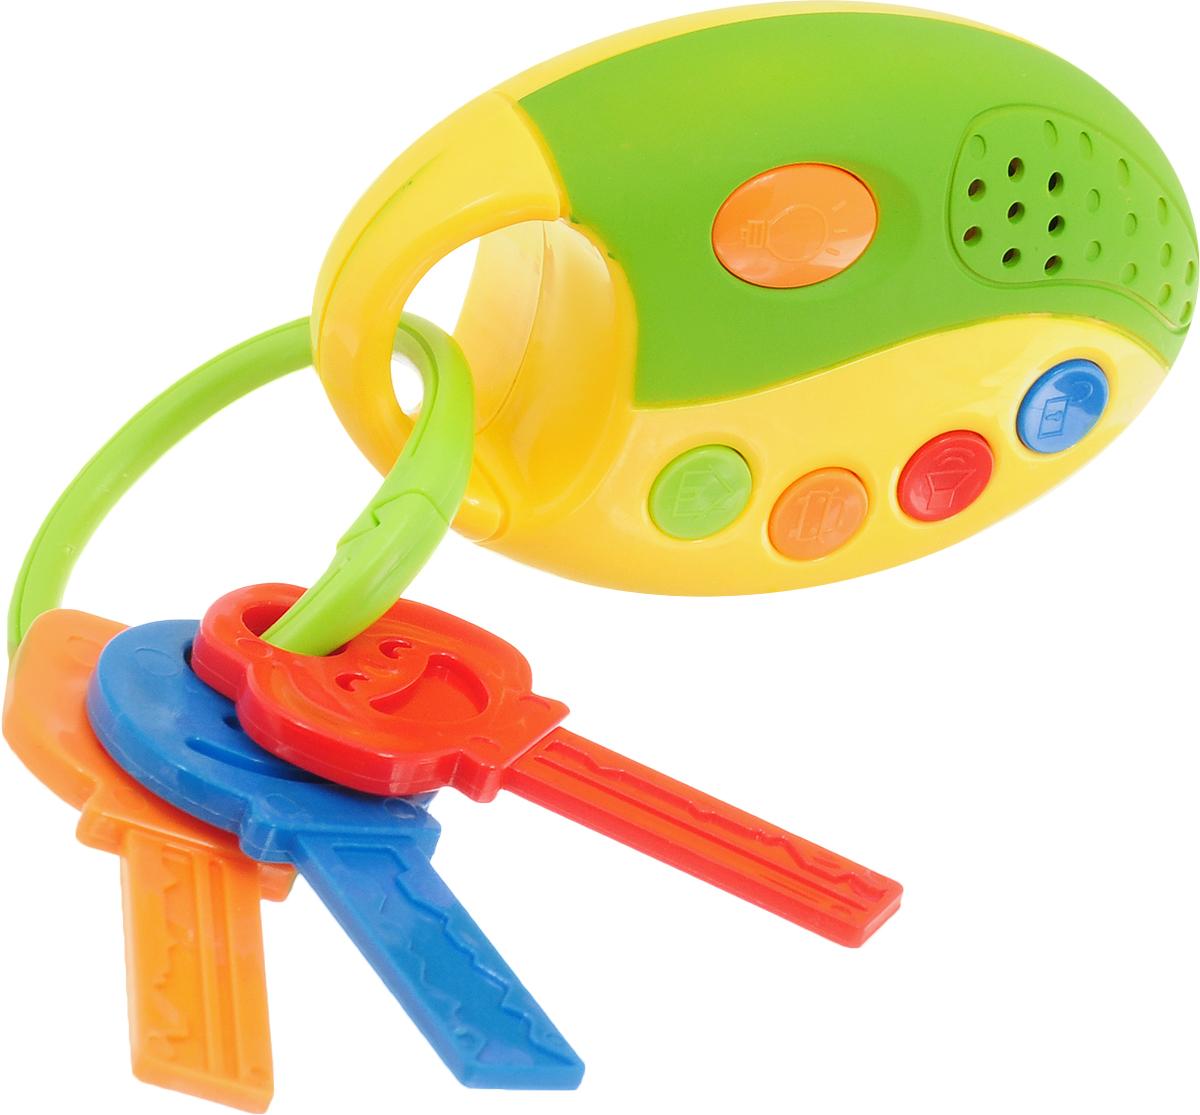 1TOY Развивающая игрушка Автоключики цвет зеленый желтый